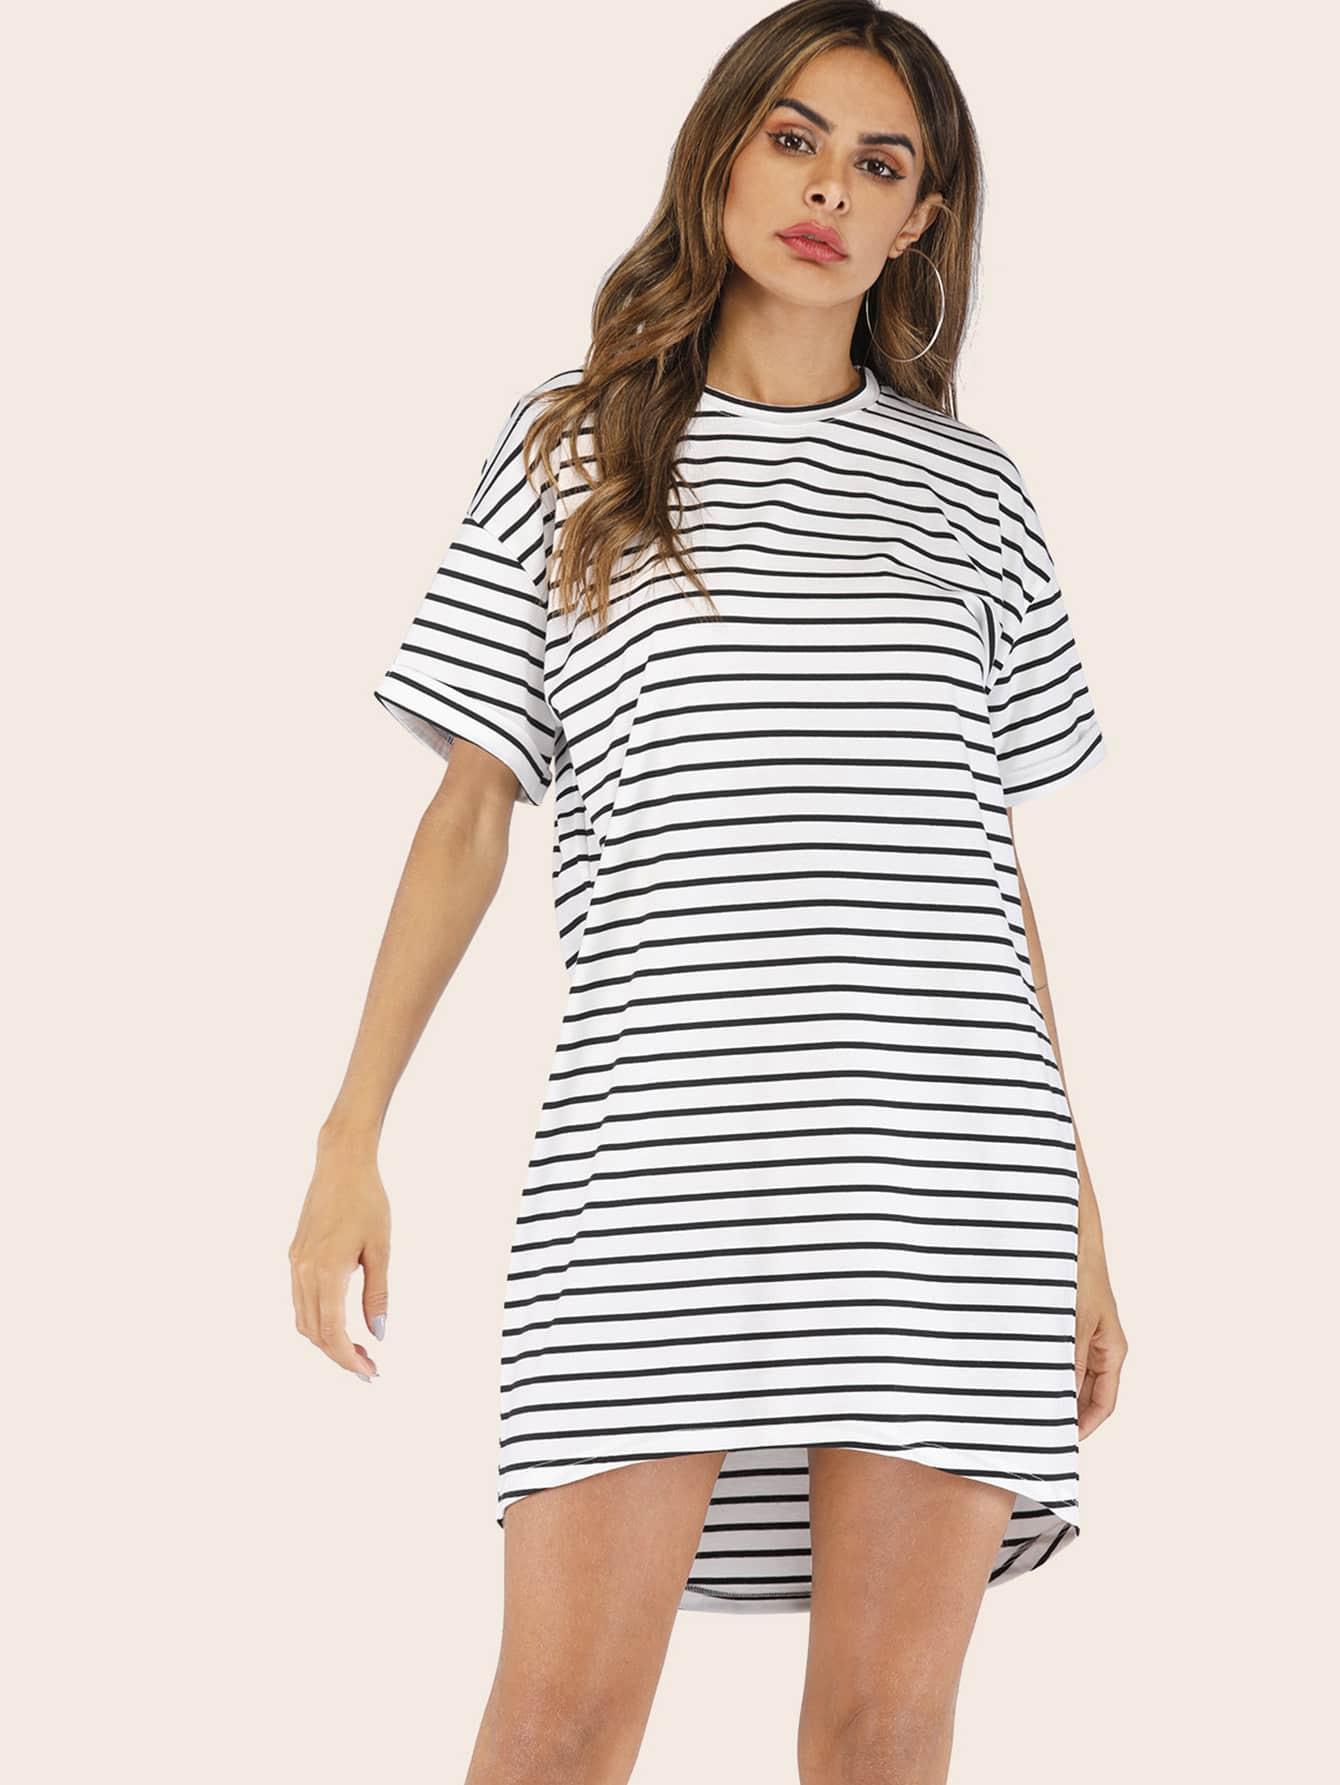 Фото - Полосатое платье-футболка с заниженной линией плеч от SheIn цвет чёрнобелые